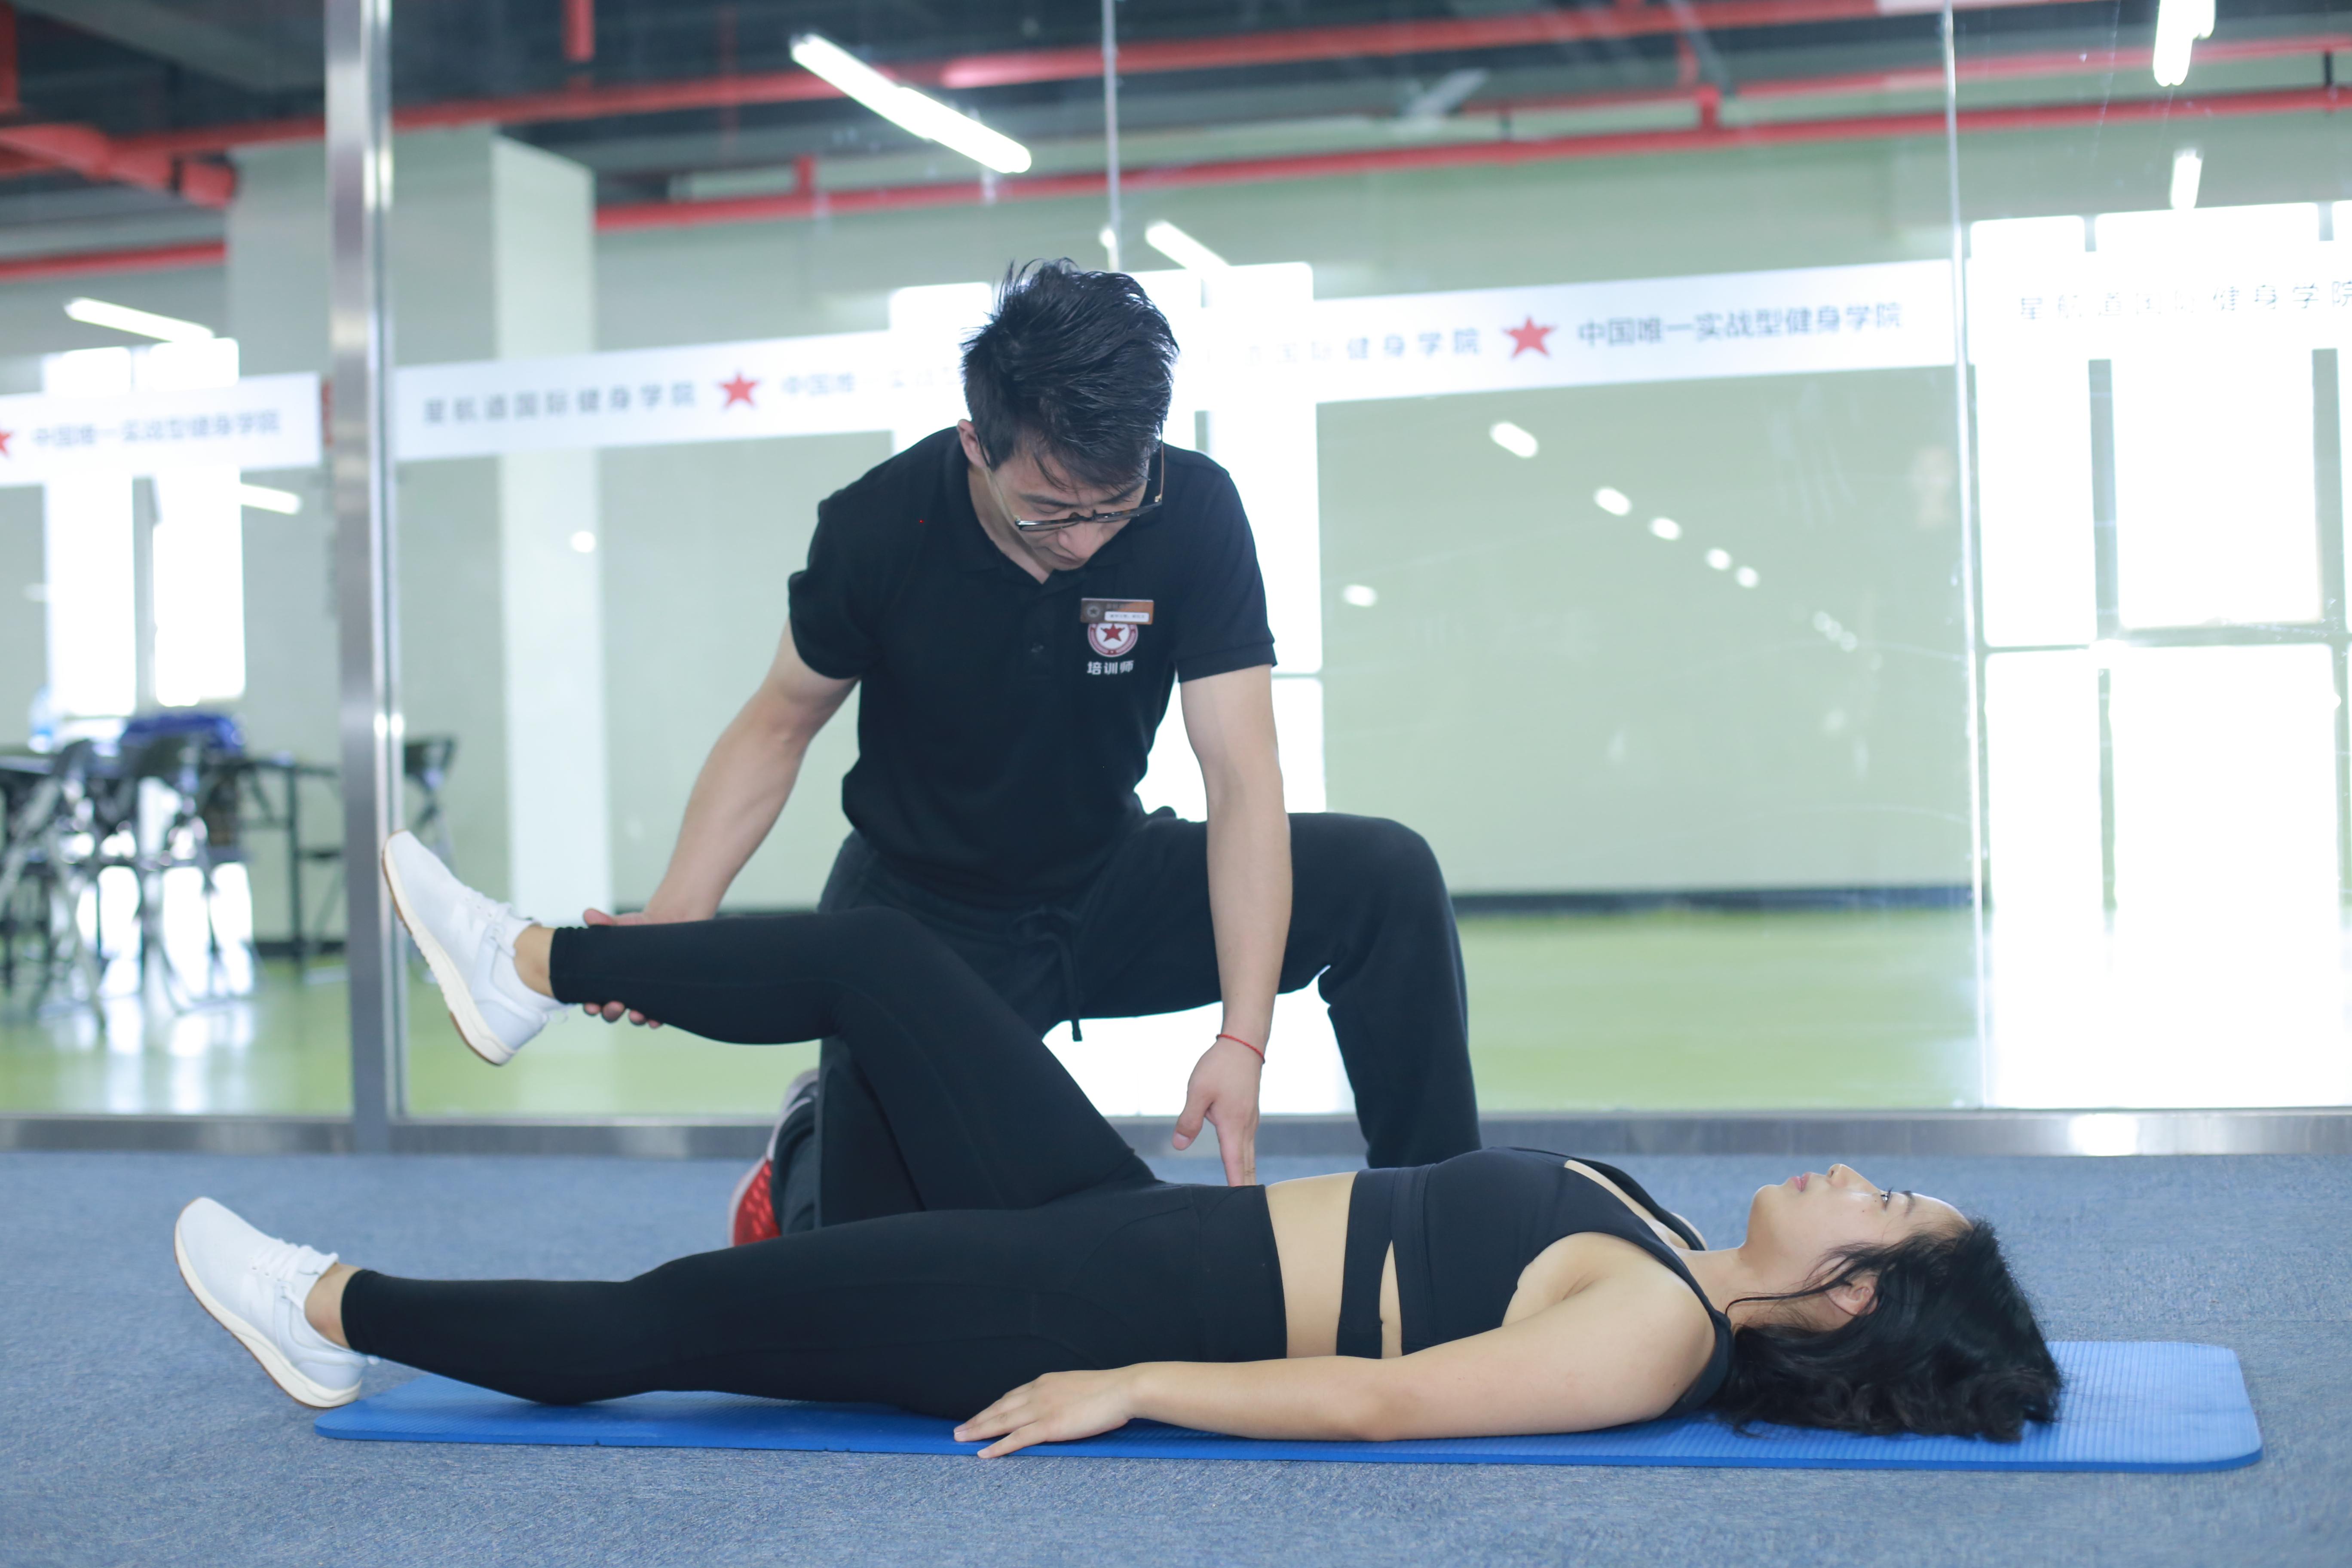 私人健身教练培训学费多少?